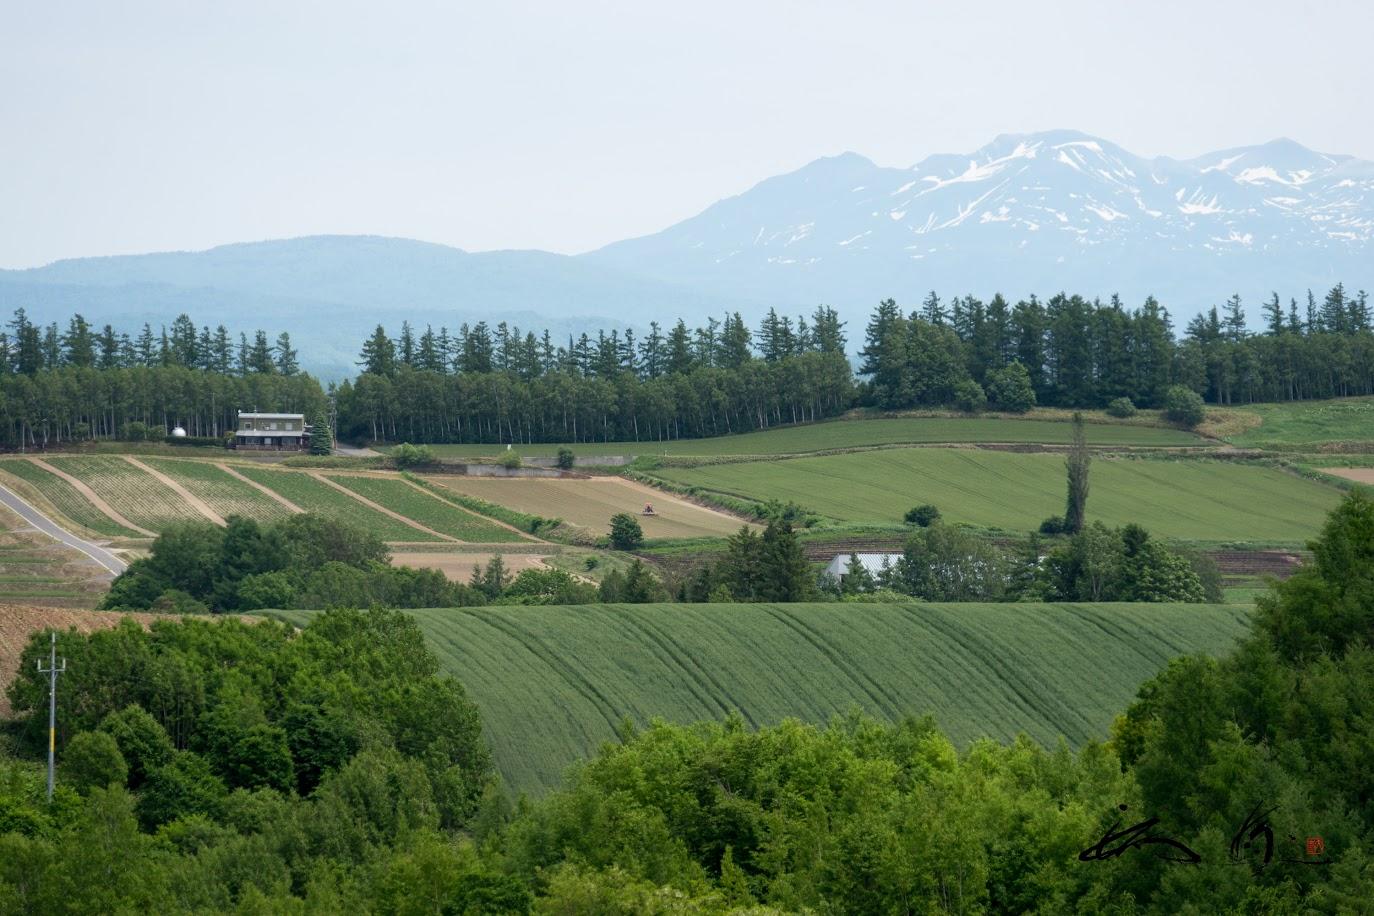 緑の丘陵風景